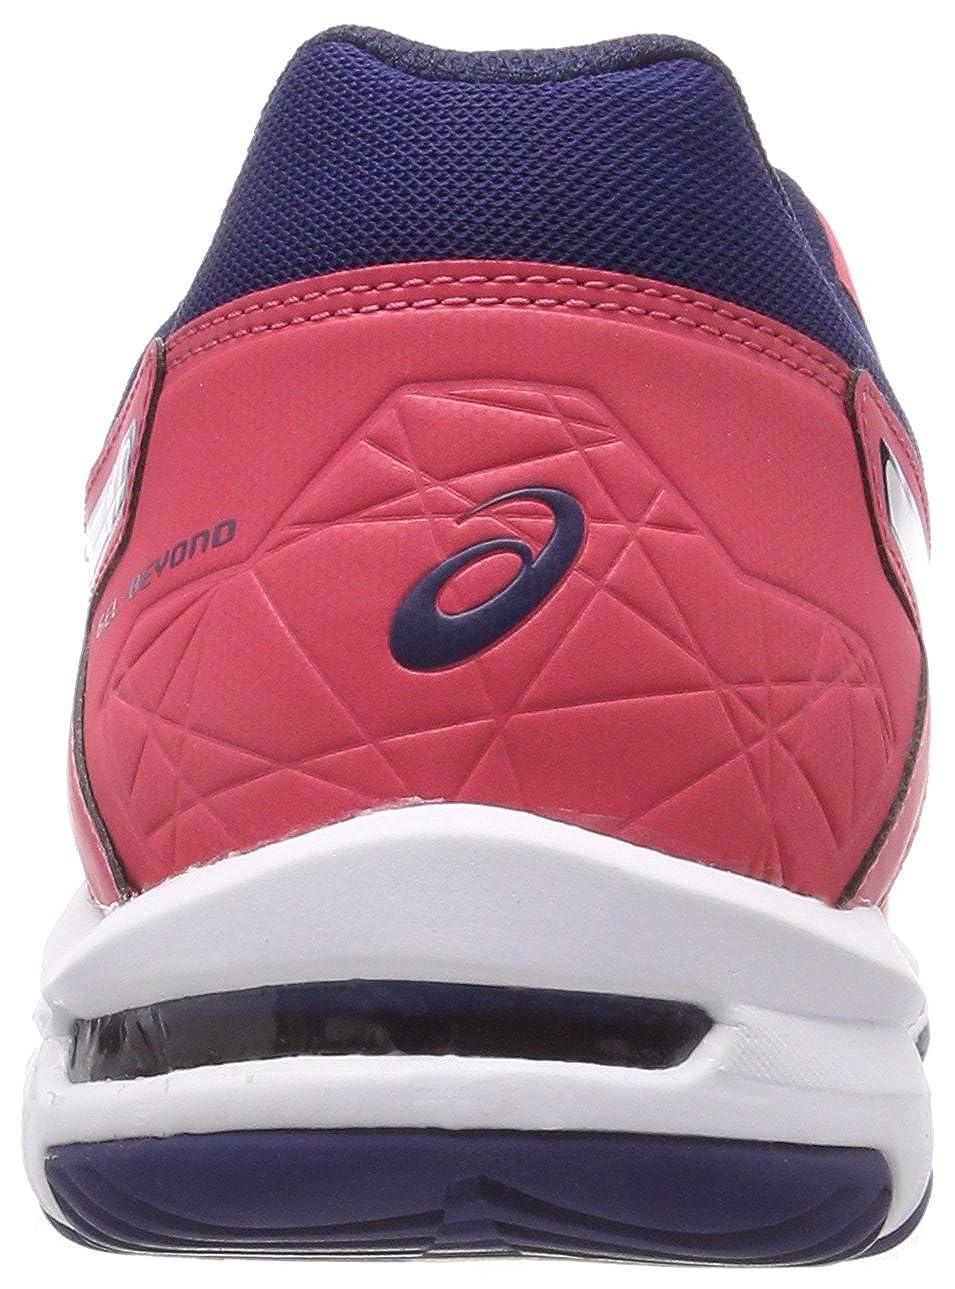 ASICS Gel-Beyond 5, 5, 5, Scarpe Sportive Indoor Donna | Qualità E Quantità Garantita  f8d2e9